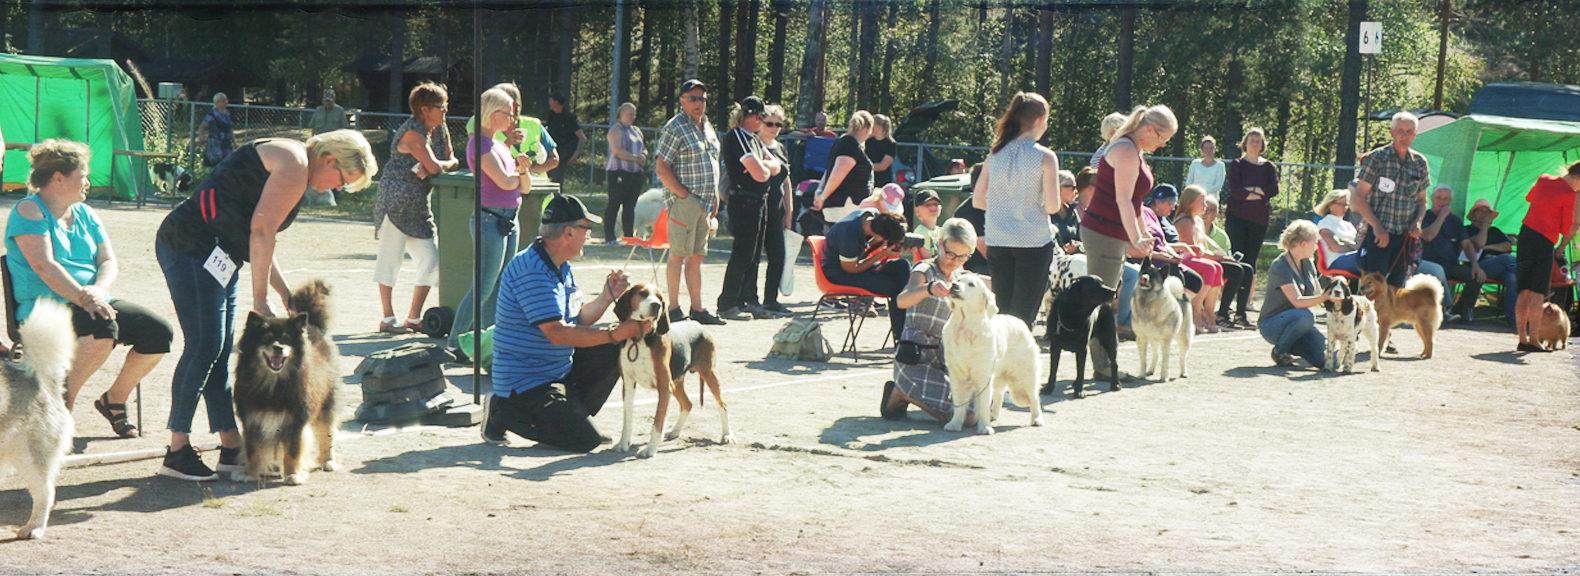 Koiranäyttelyt Kainuussa